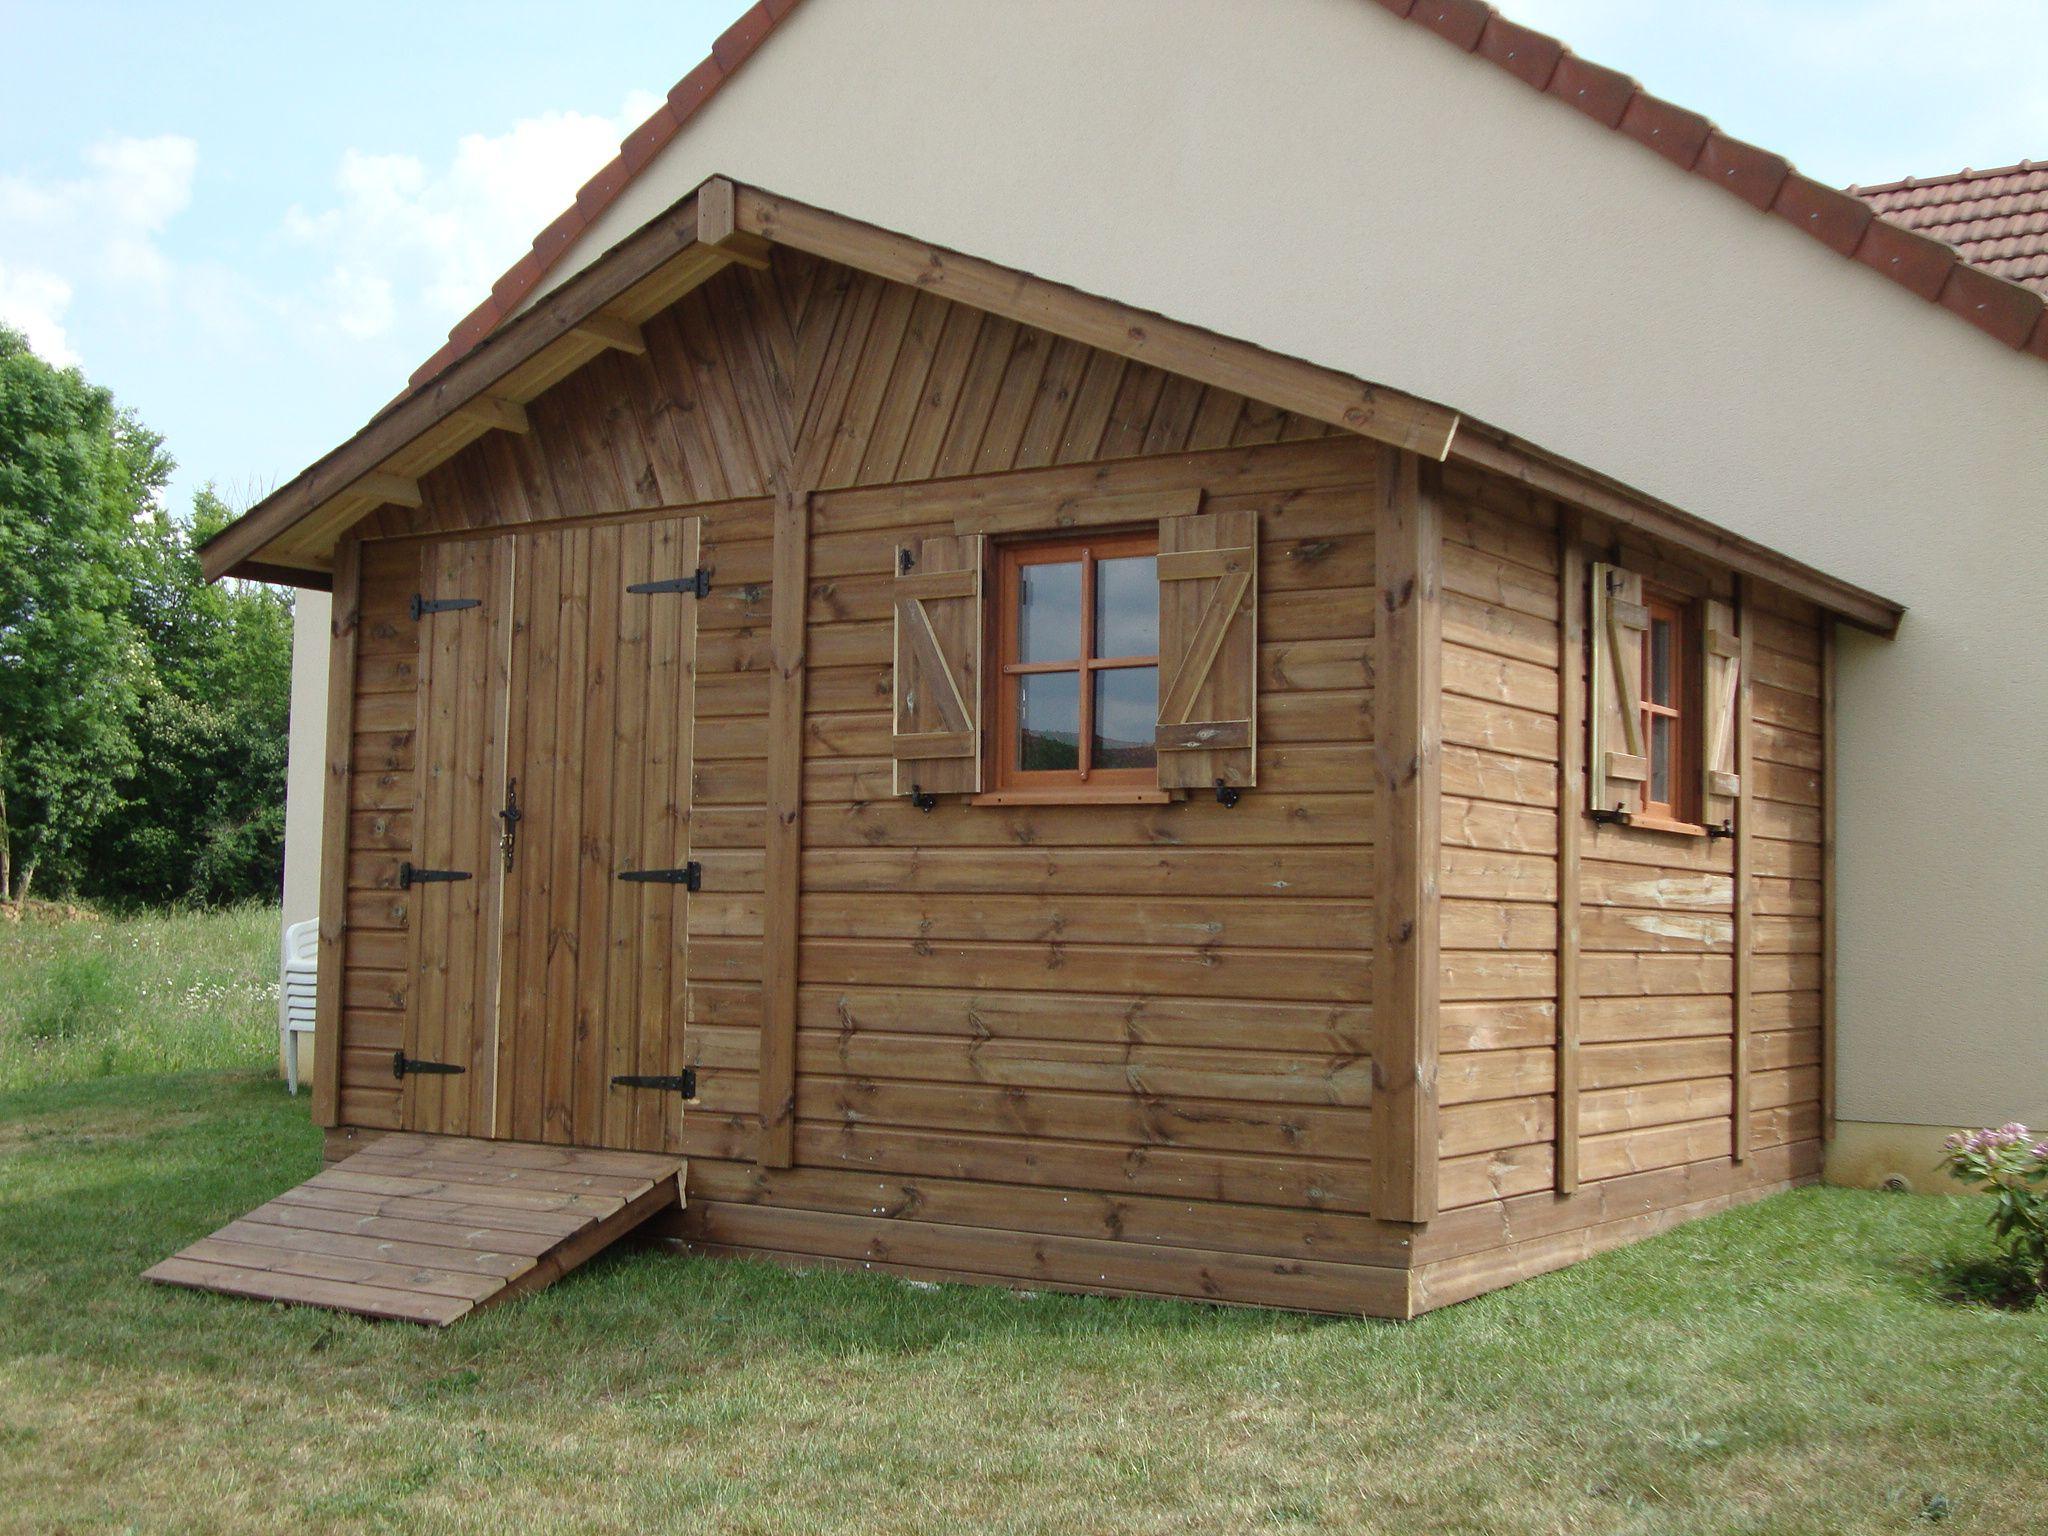 Cabane de jardin autoclave - Mailleraye.fr jardin